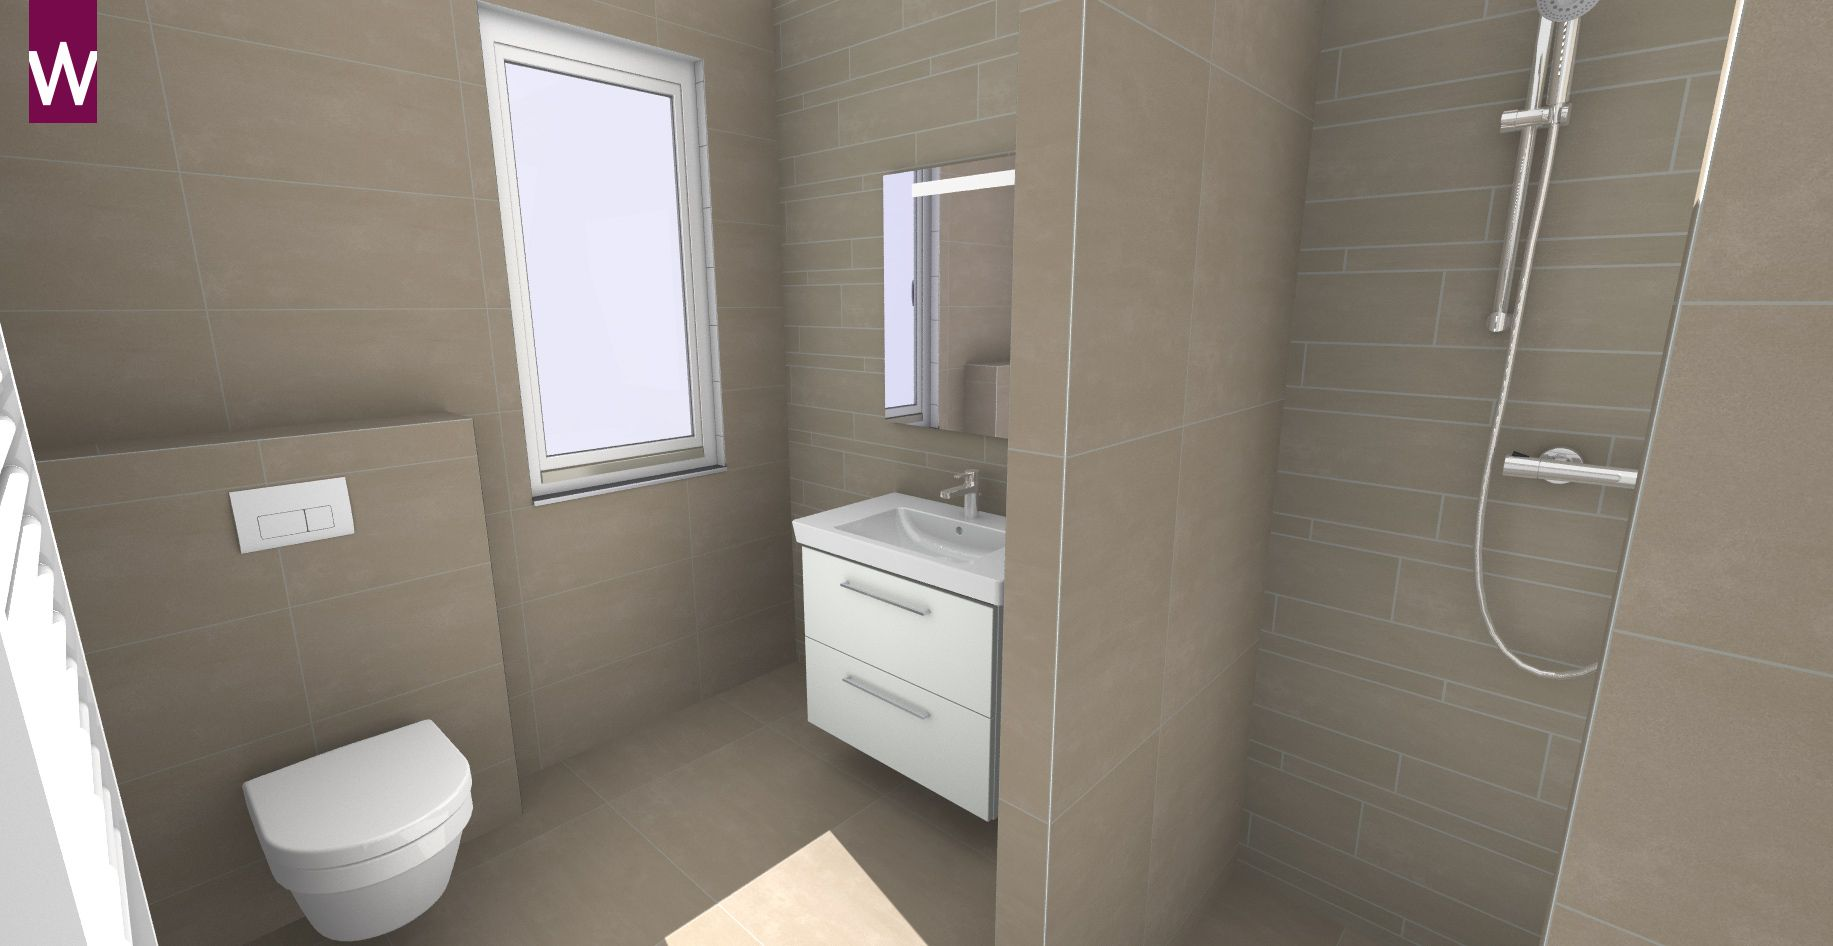 Badkamer ontwerpen?